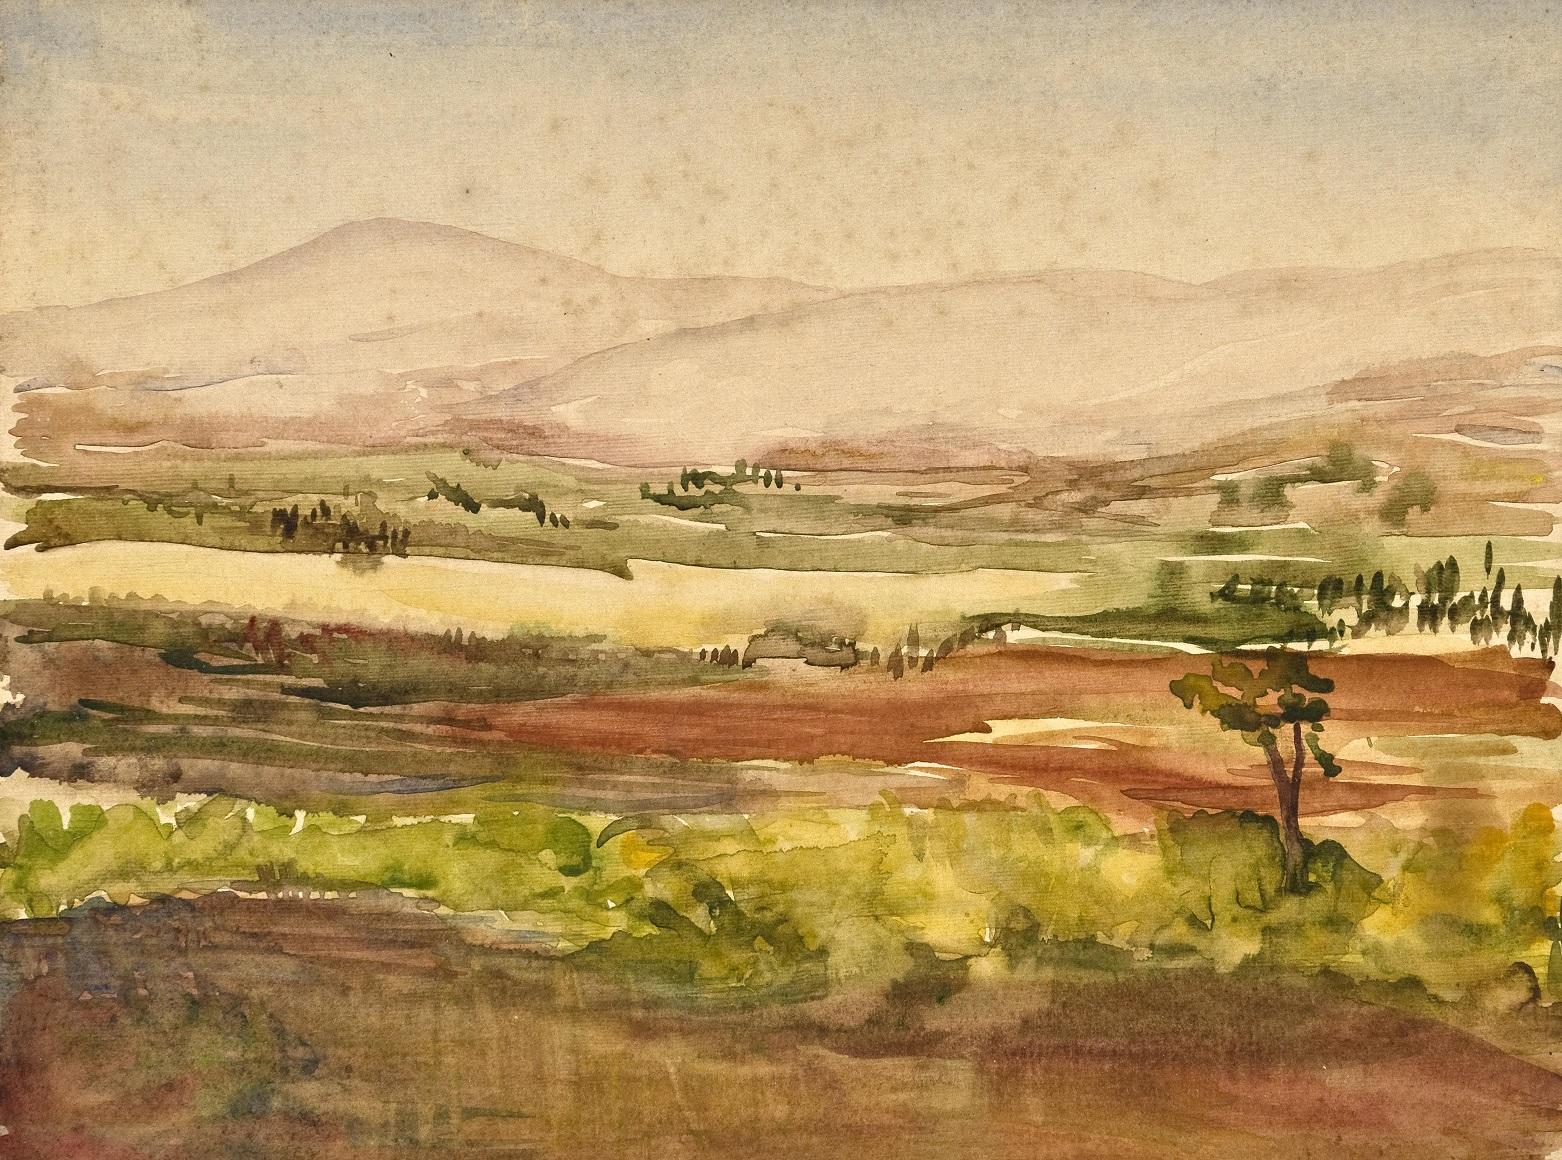 Συνδιοργάνωση έκθεσης της Δημοτικής Πινακοθήκης Λάρισας με το Ιστορικό Αρχείο – Μουσείο Ύδρας